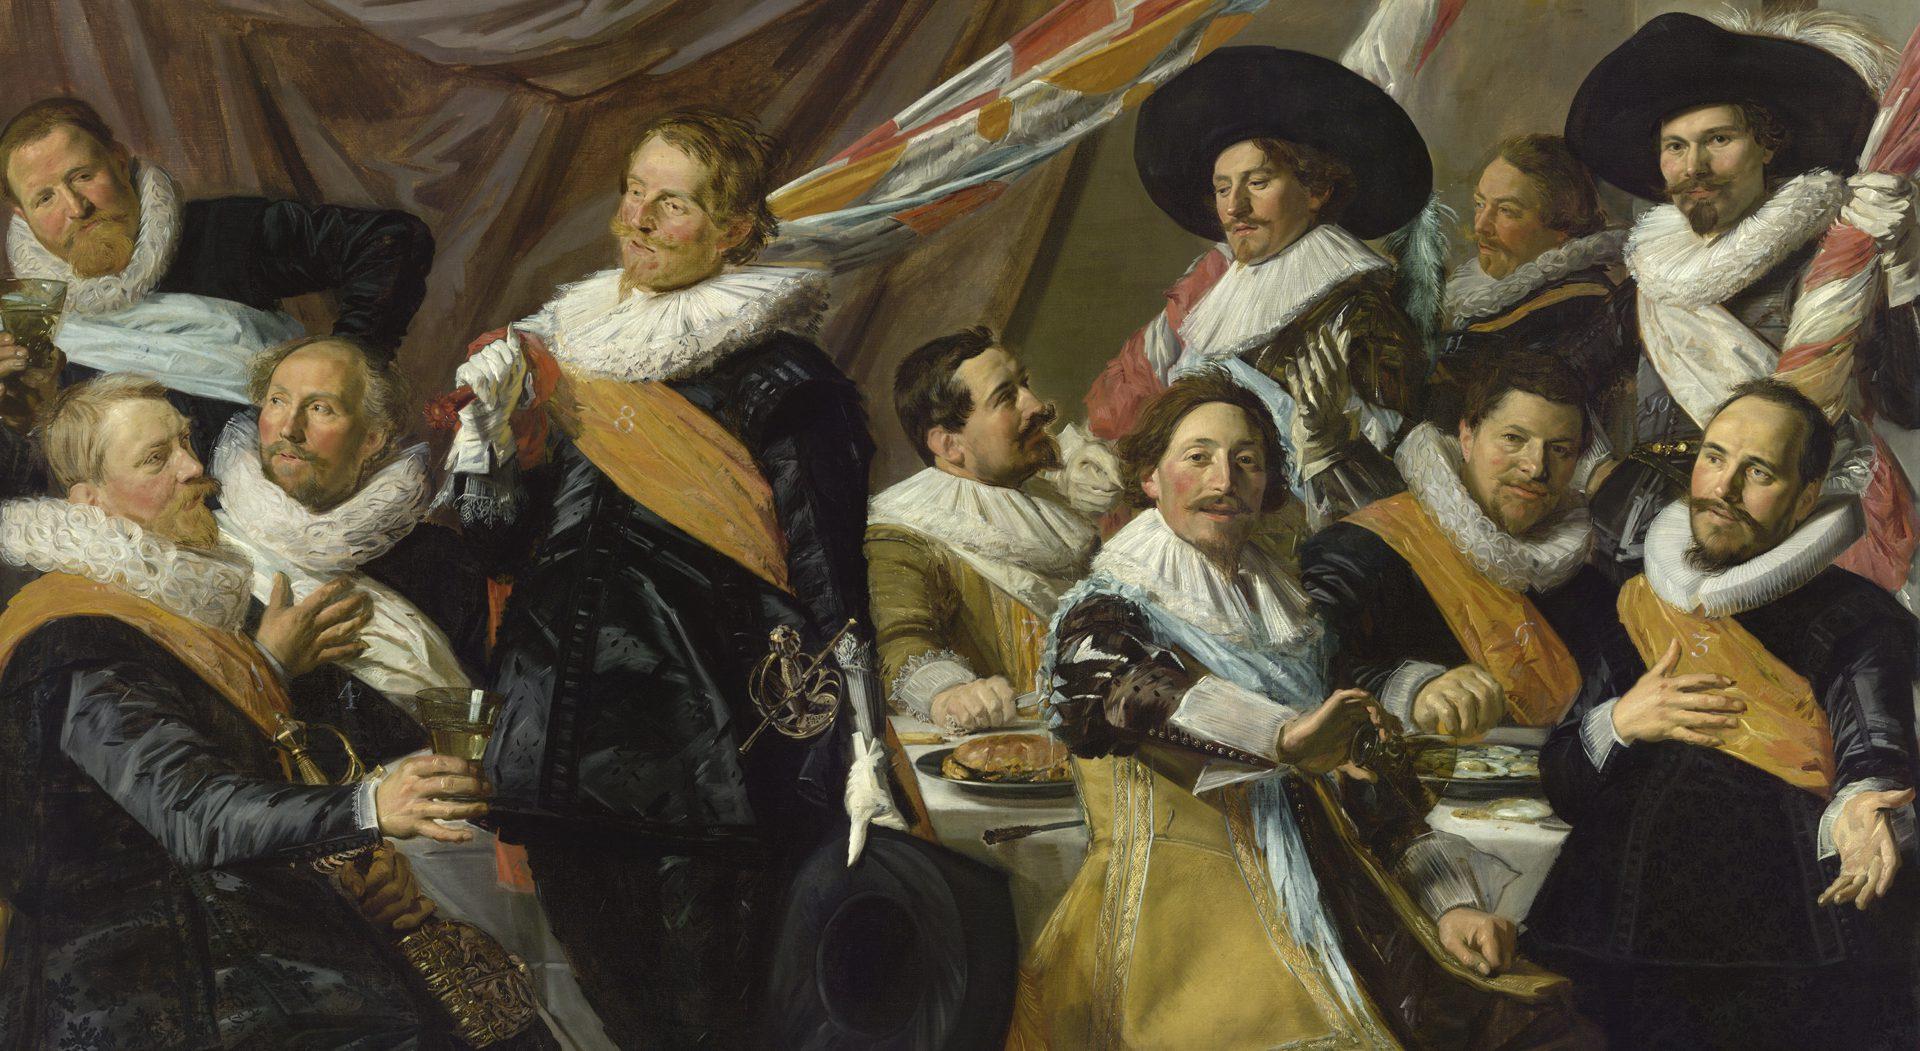 Interim-directie Frans Hals Museum